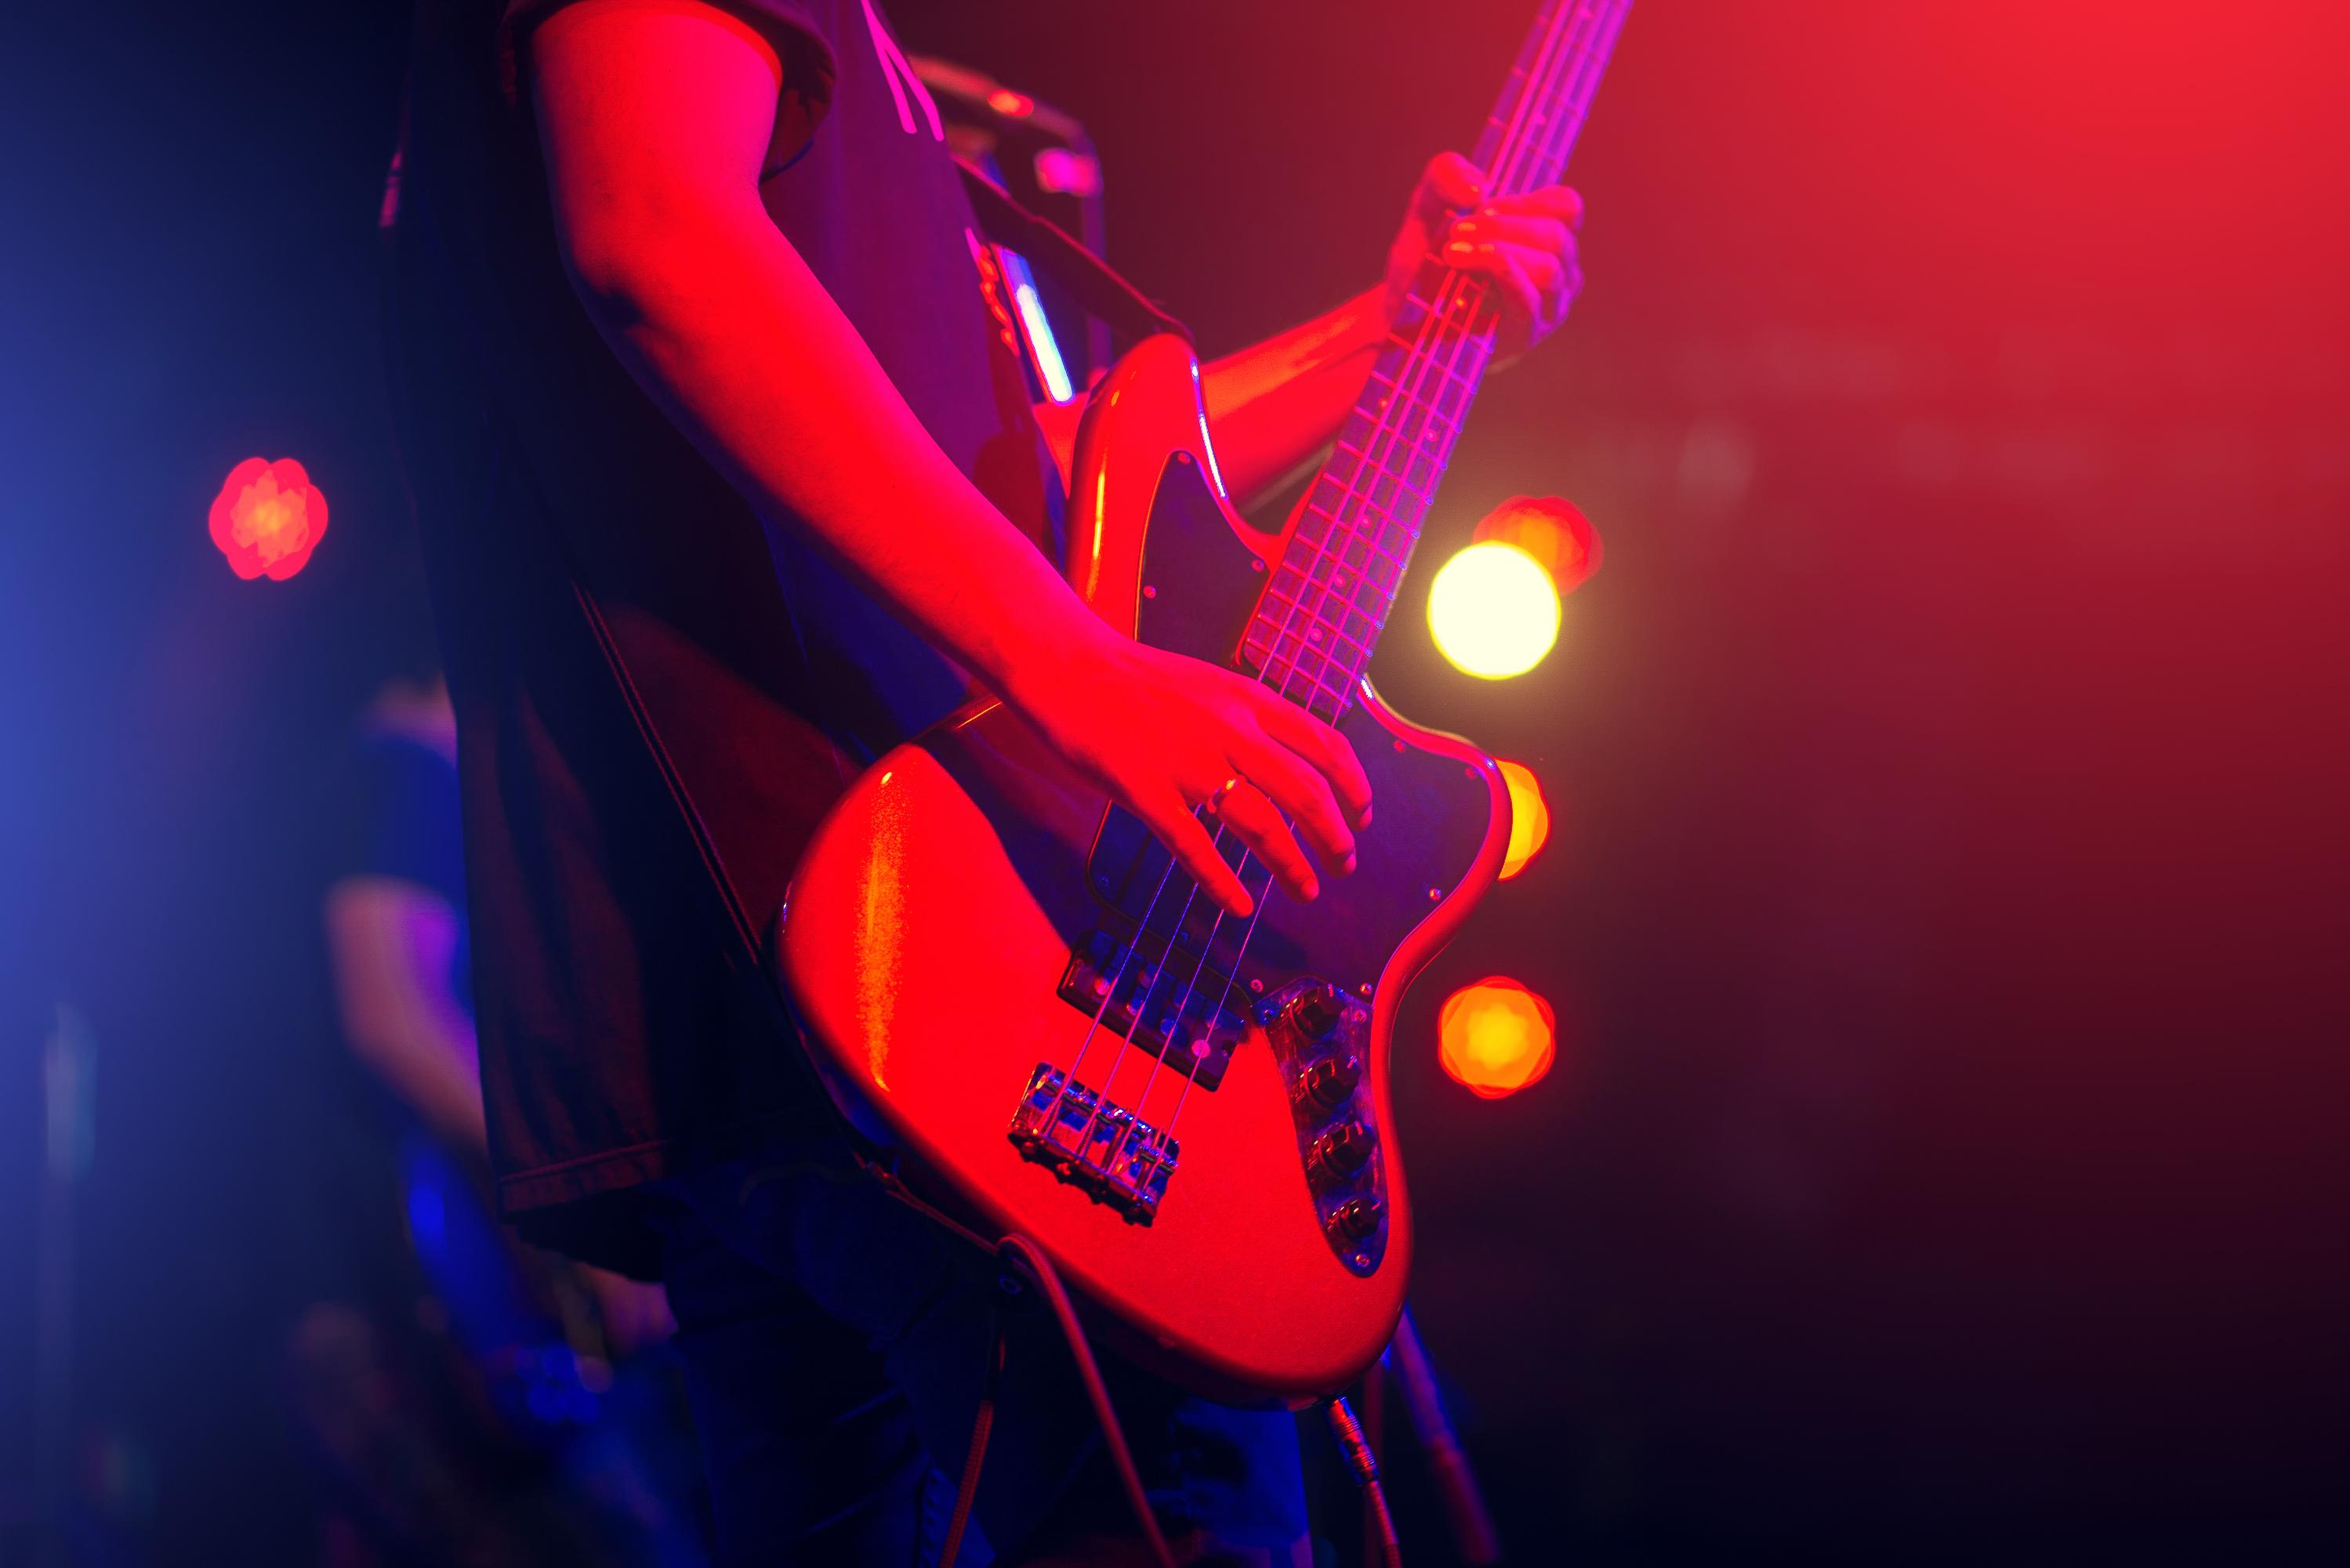 Kitaristi soittaa sähkökitaraa lavalla.